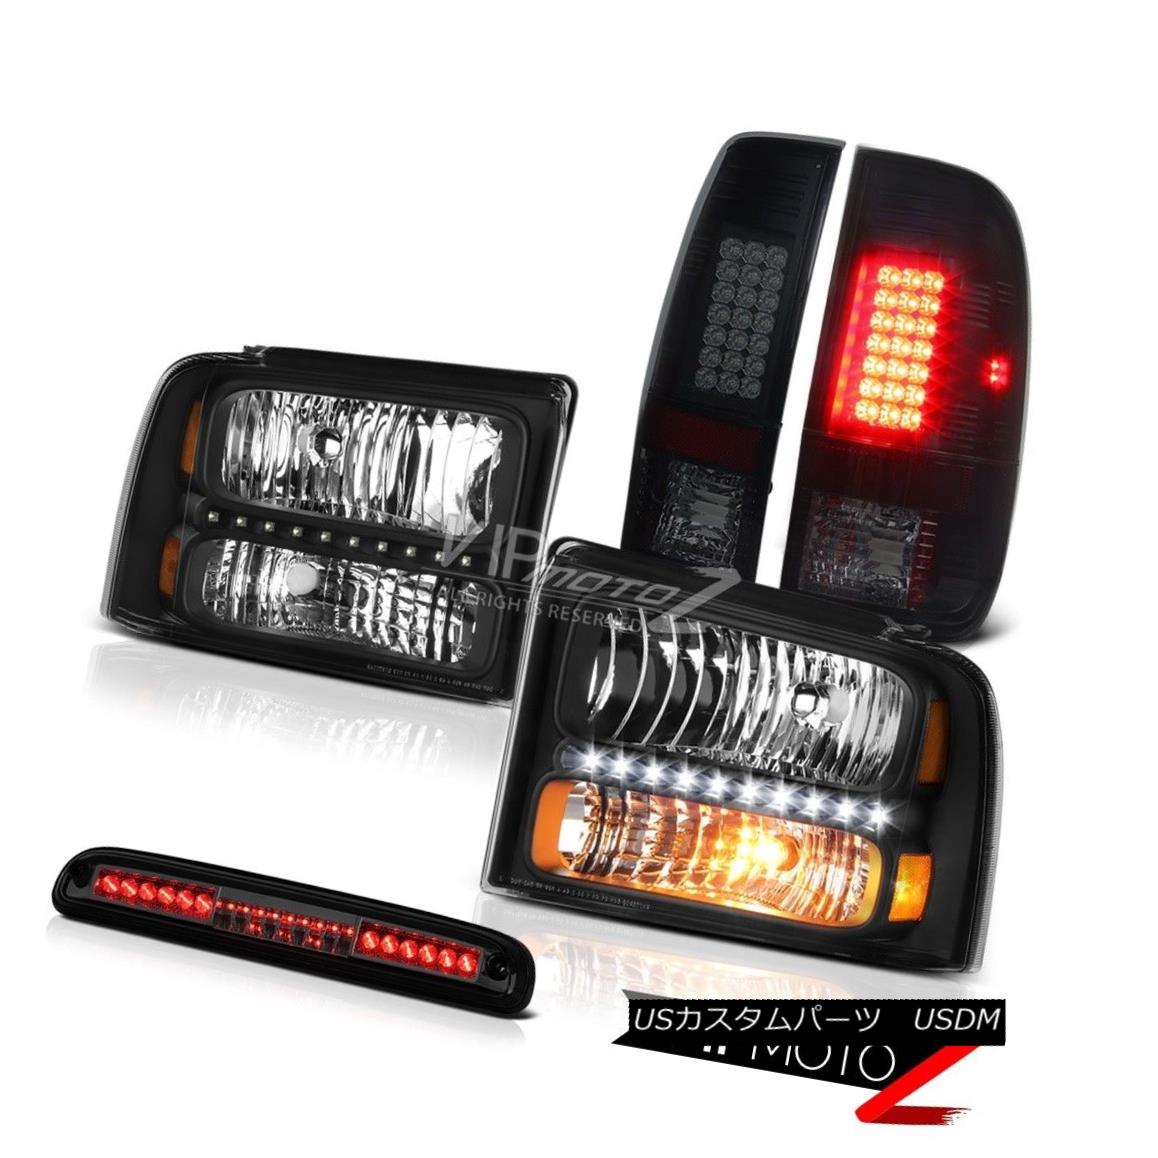 車用品 バイク用品 2020 新作 >> パーツ ライト ランプ ヘッドライト 05 06 好評受付中 07 F350 LED Roof Brake Lights Highline Lamps Tail Smoke F350ハイライトヘッドランプスモークLEDテールライトランプルーフブレーキティント Headlamps Tint